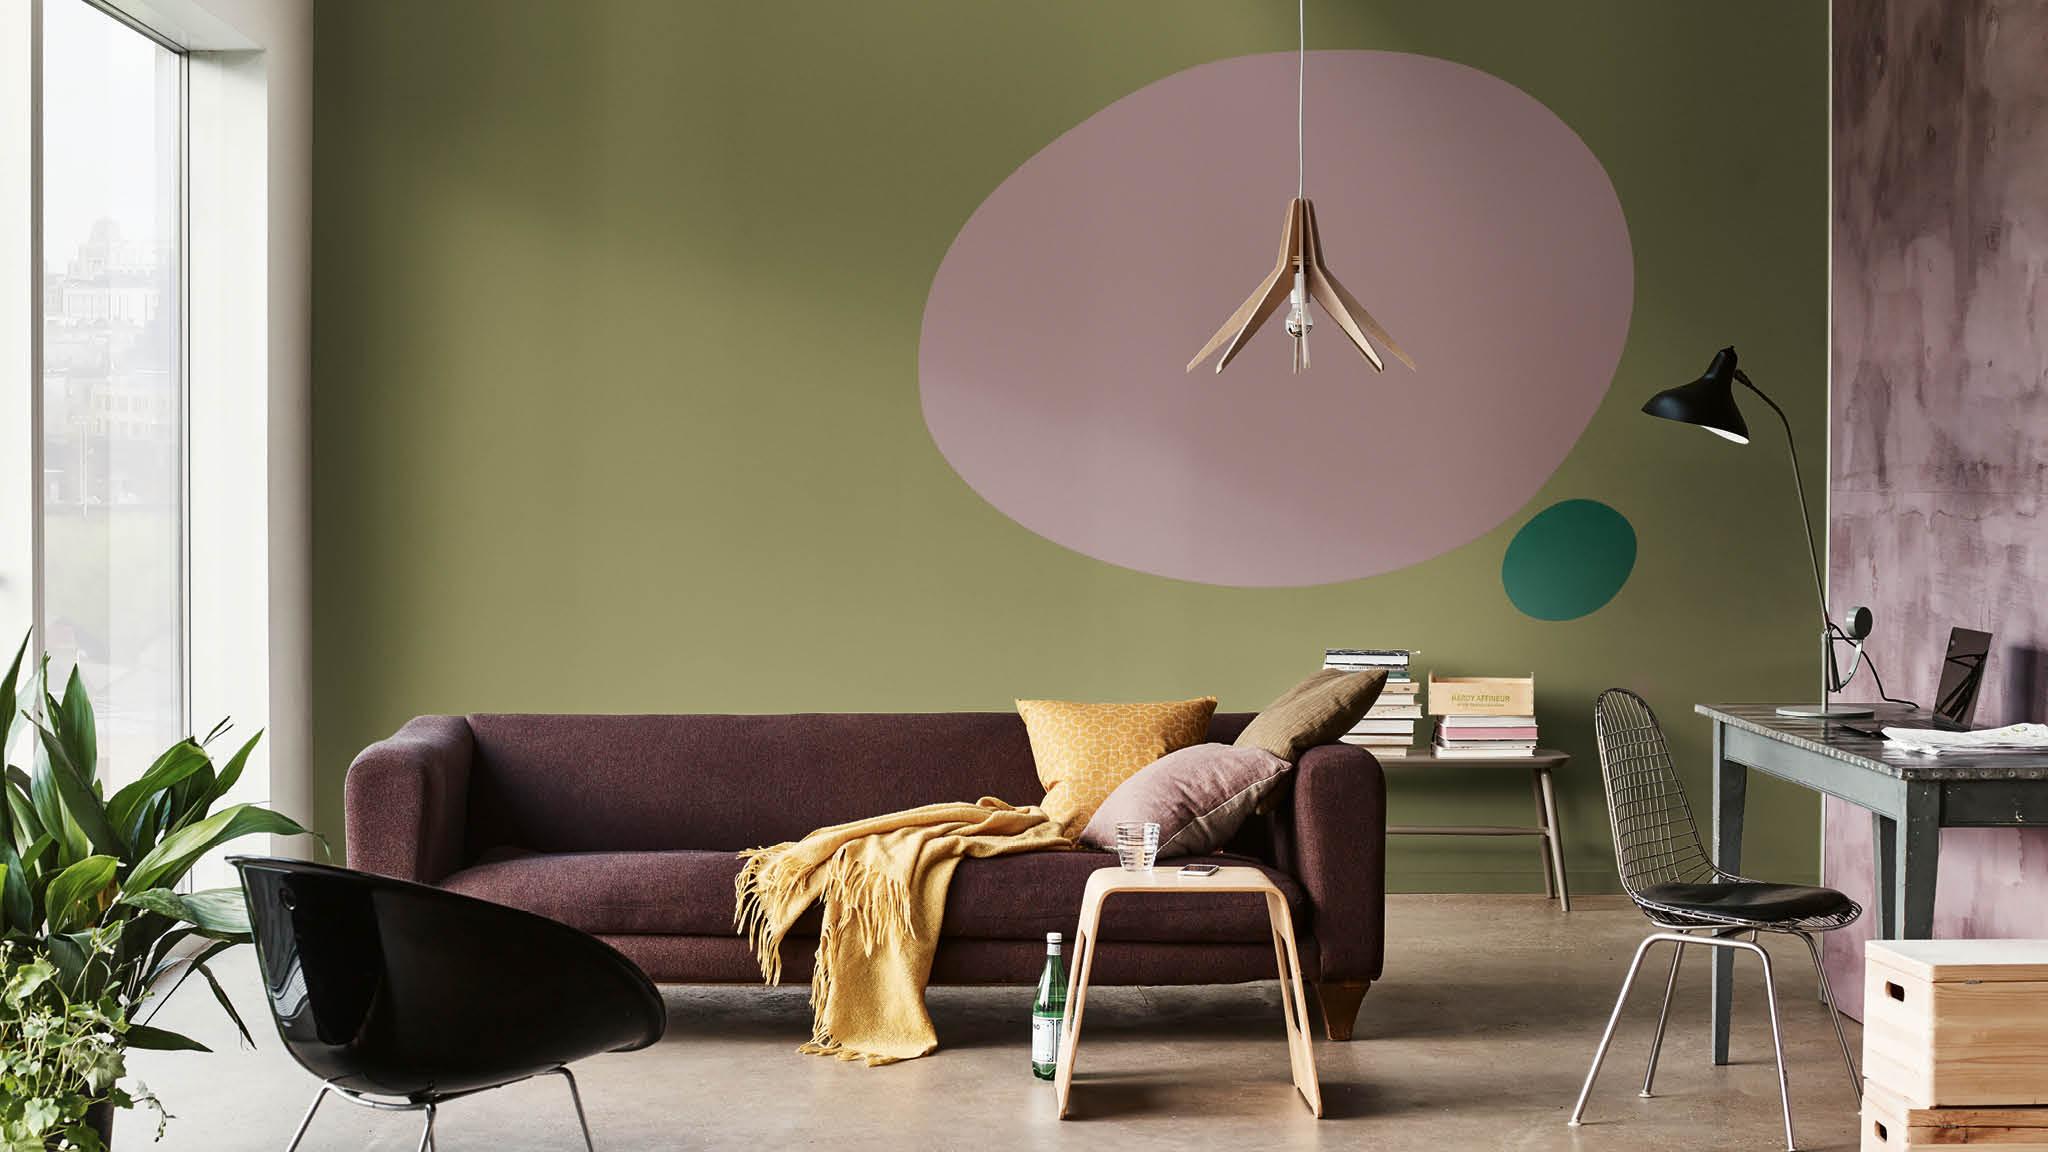 Сочетание коричневого дивана с другими цветами в интерьере